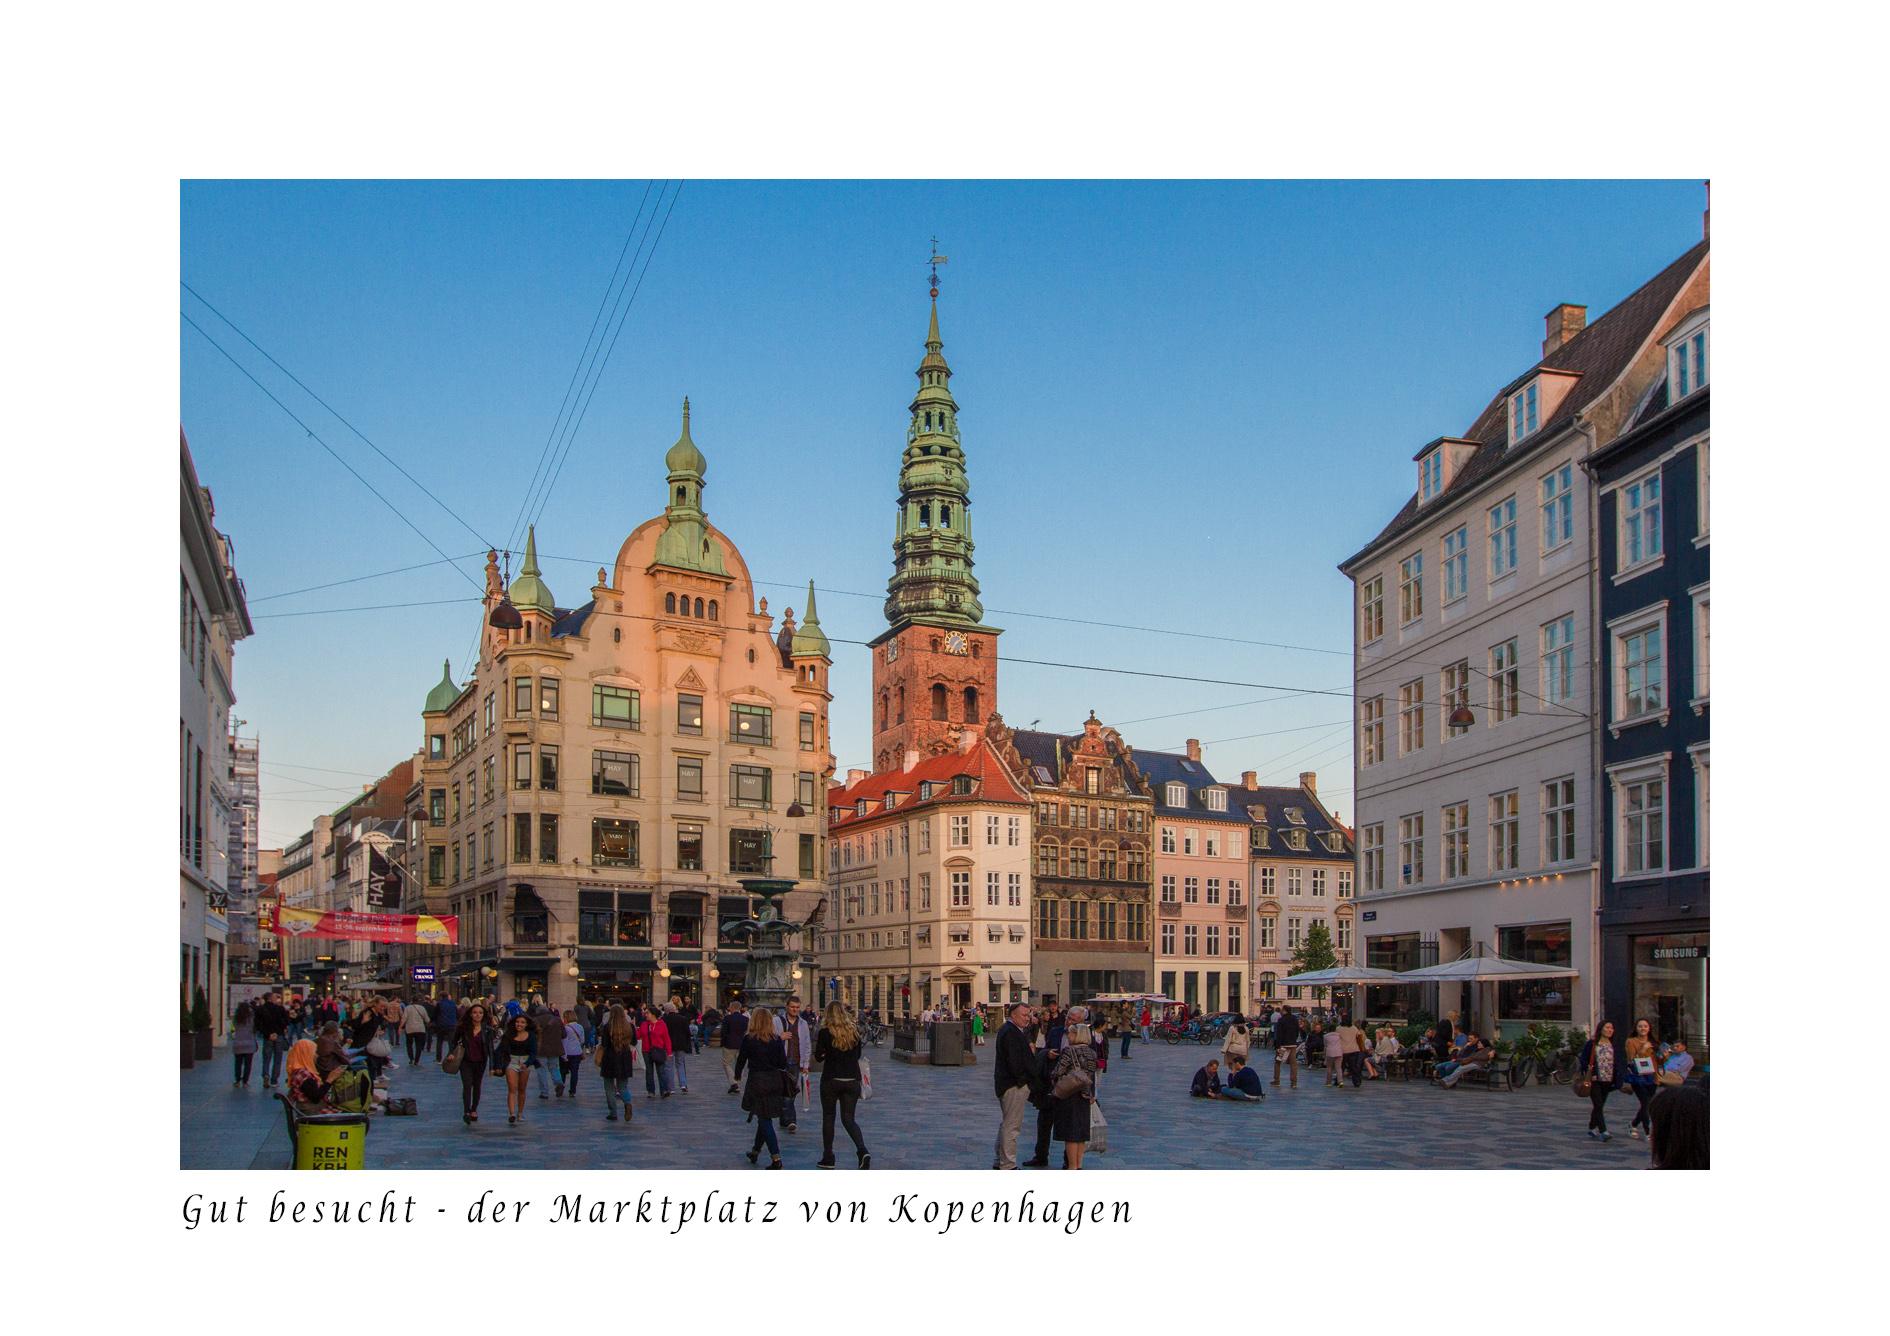 Marktplatz von Kopenhagen